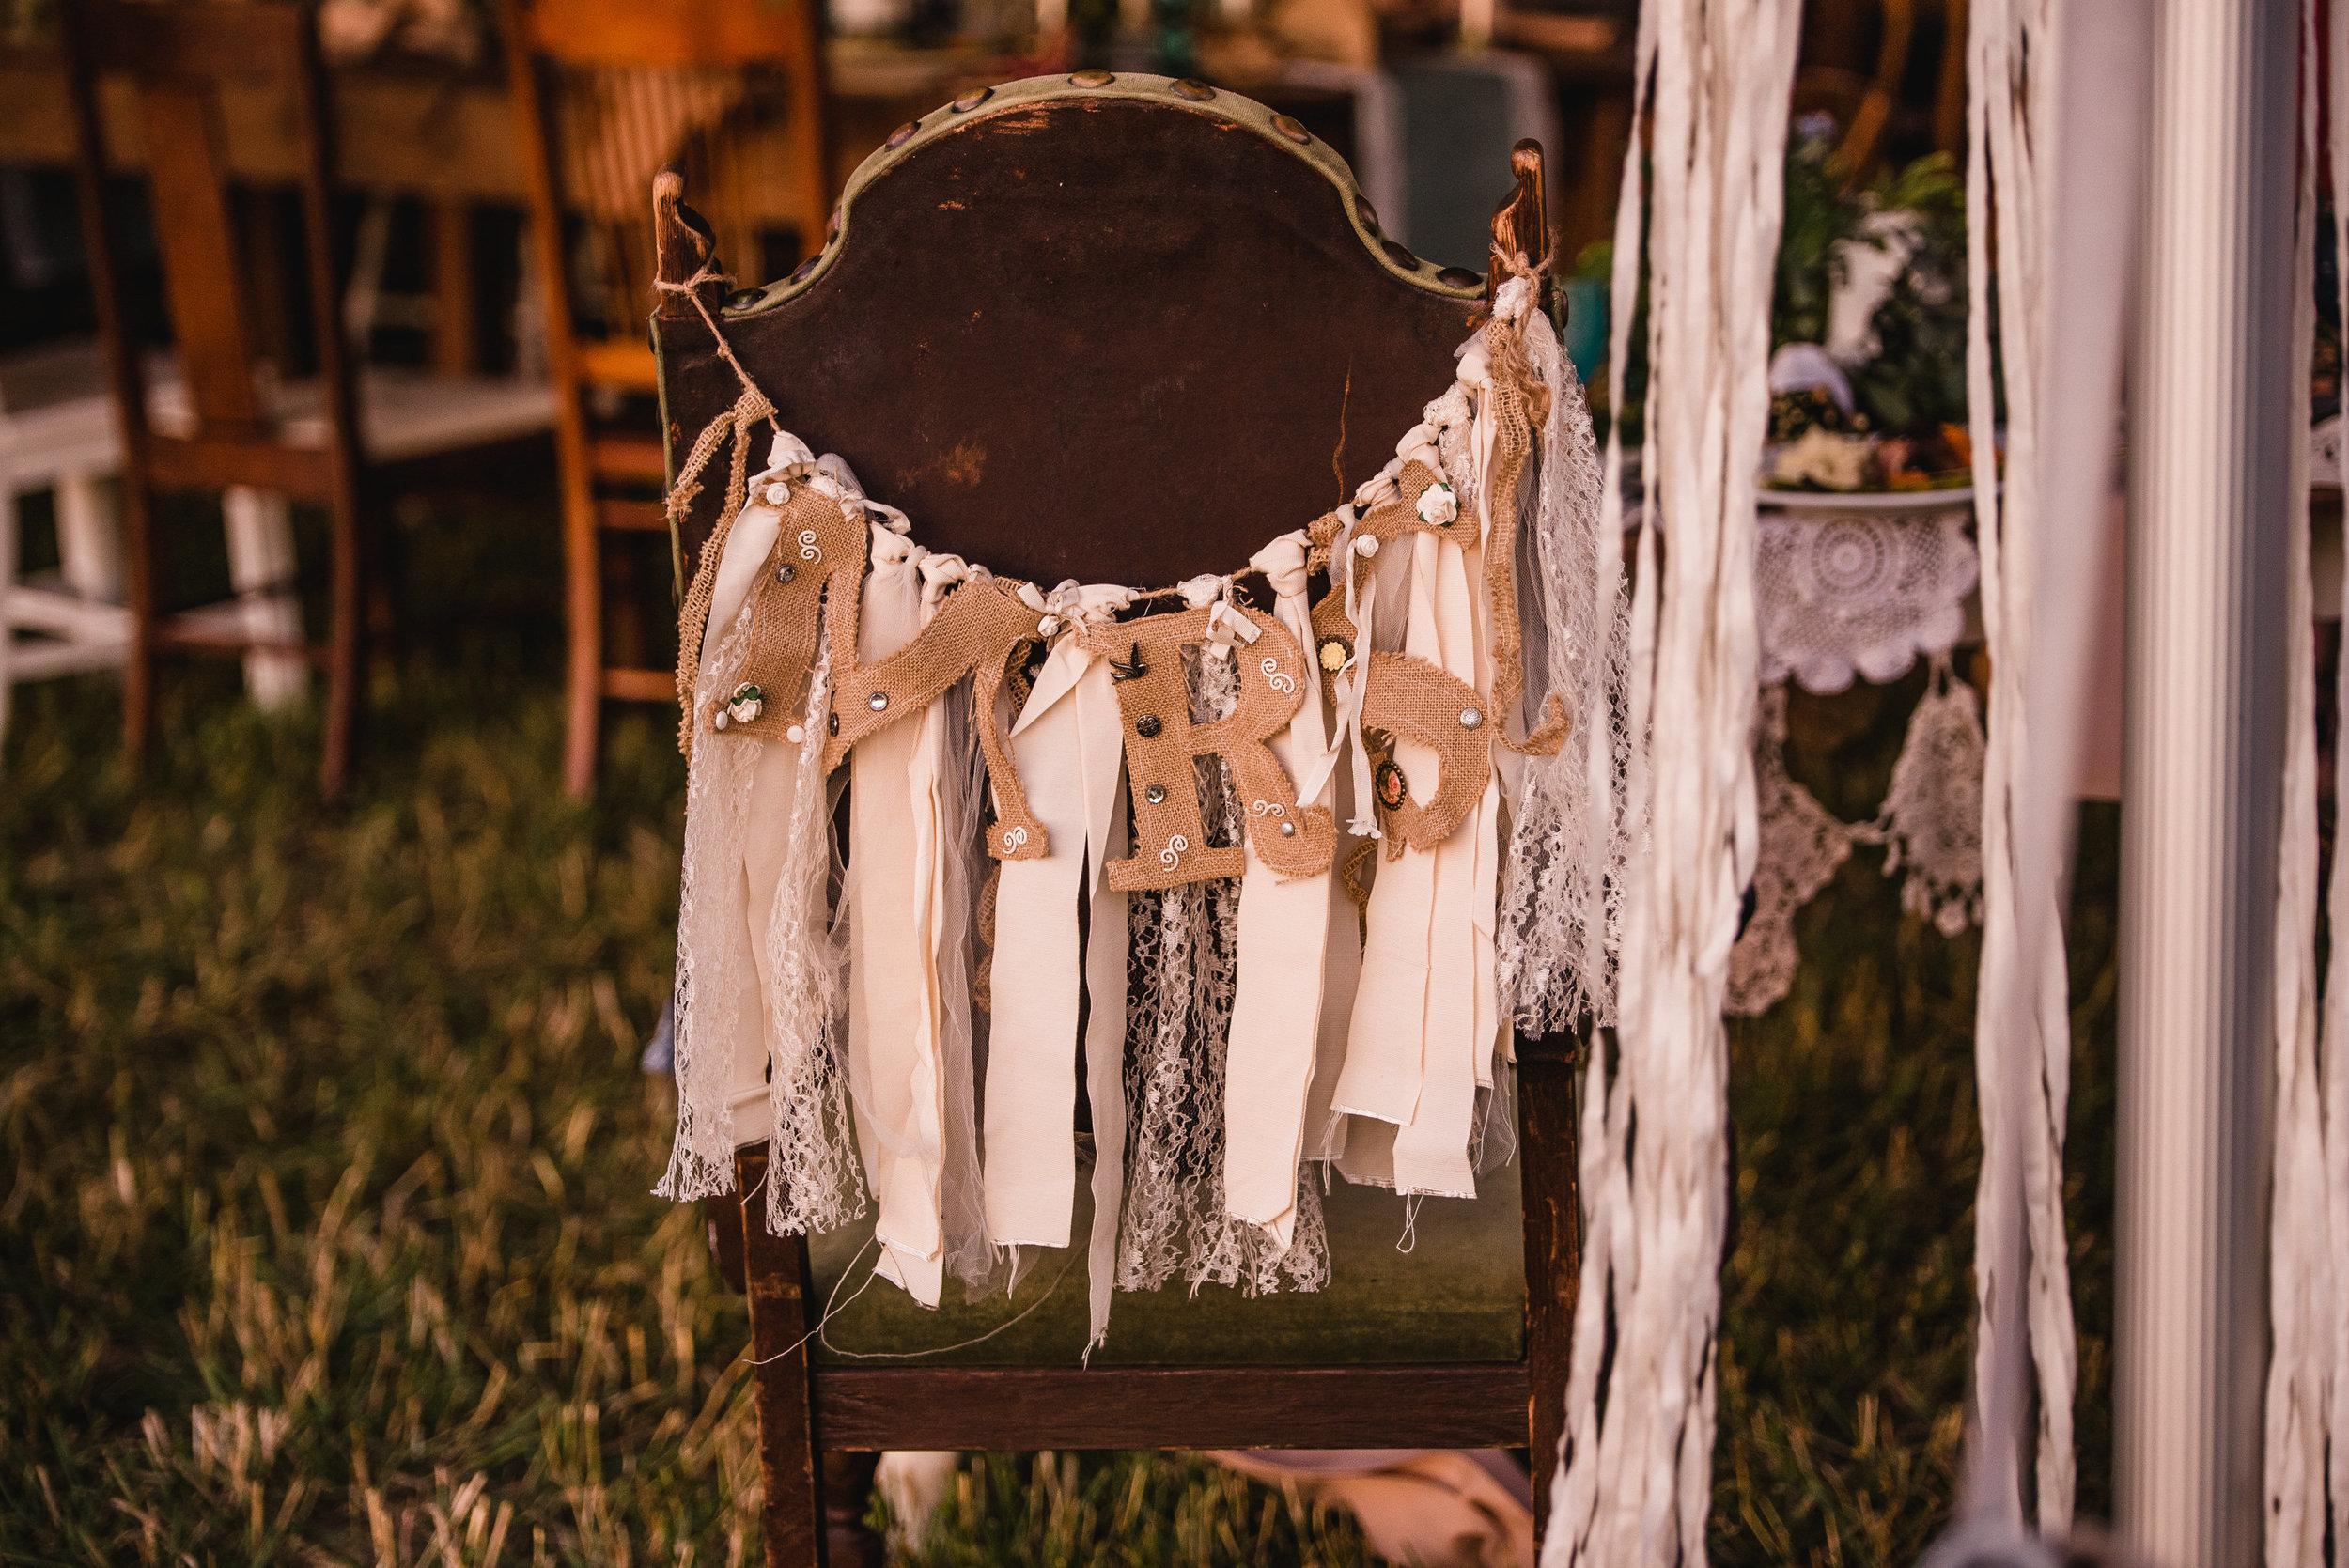 LINDSAY_WEDDING_BORN_TO_RUN_FARM_3838.jpg